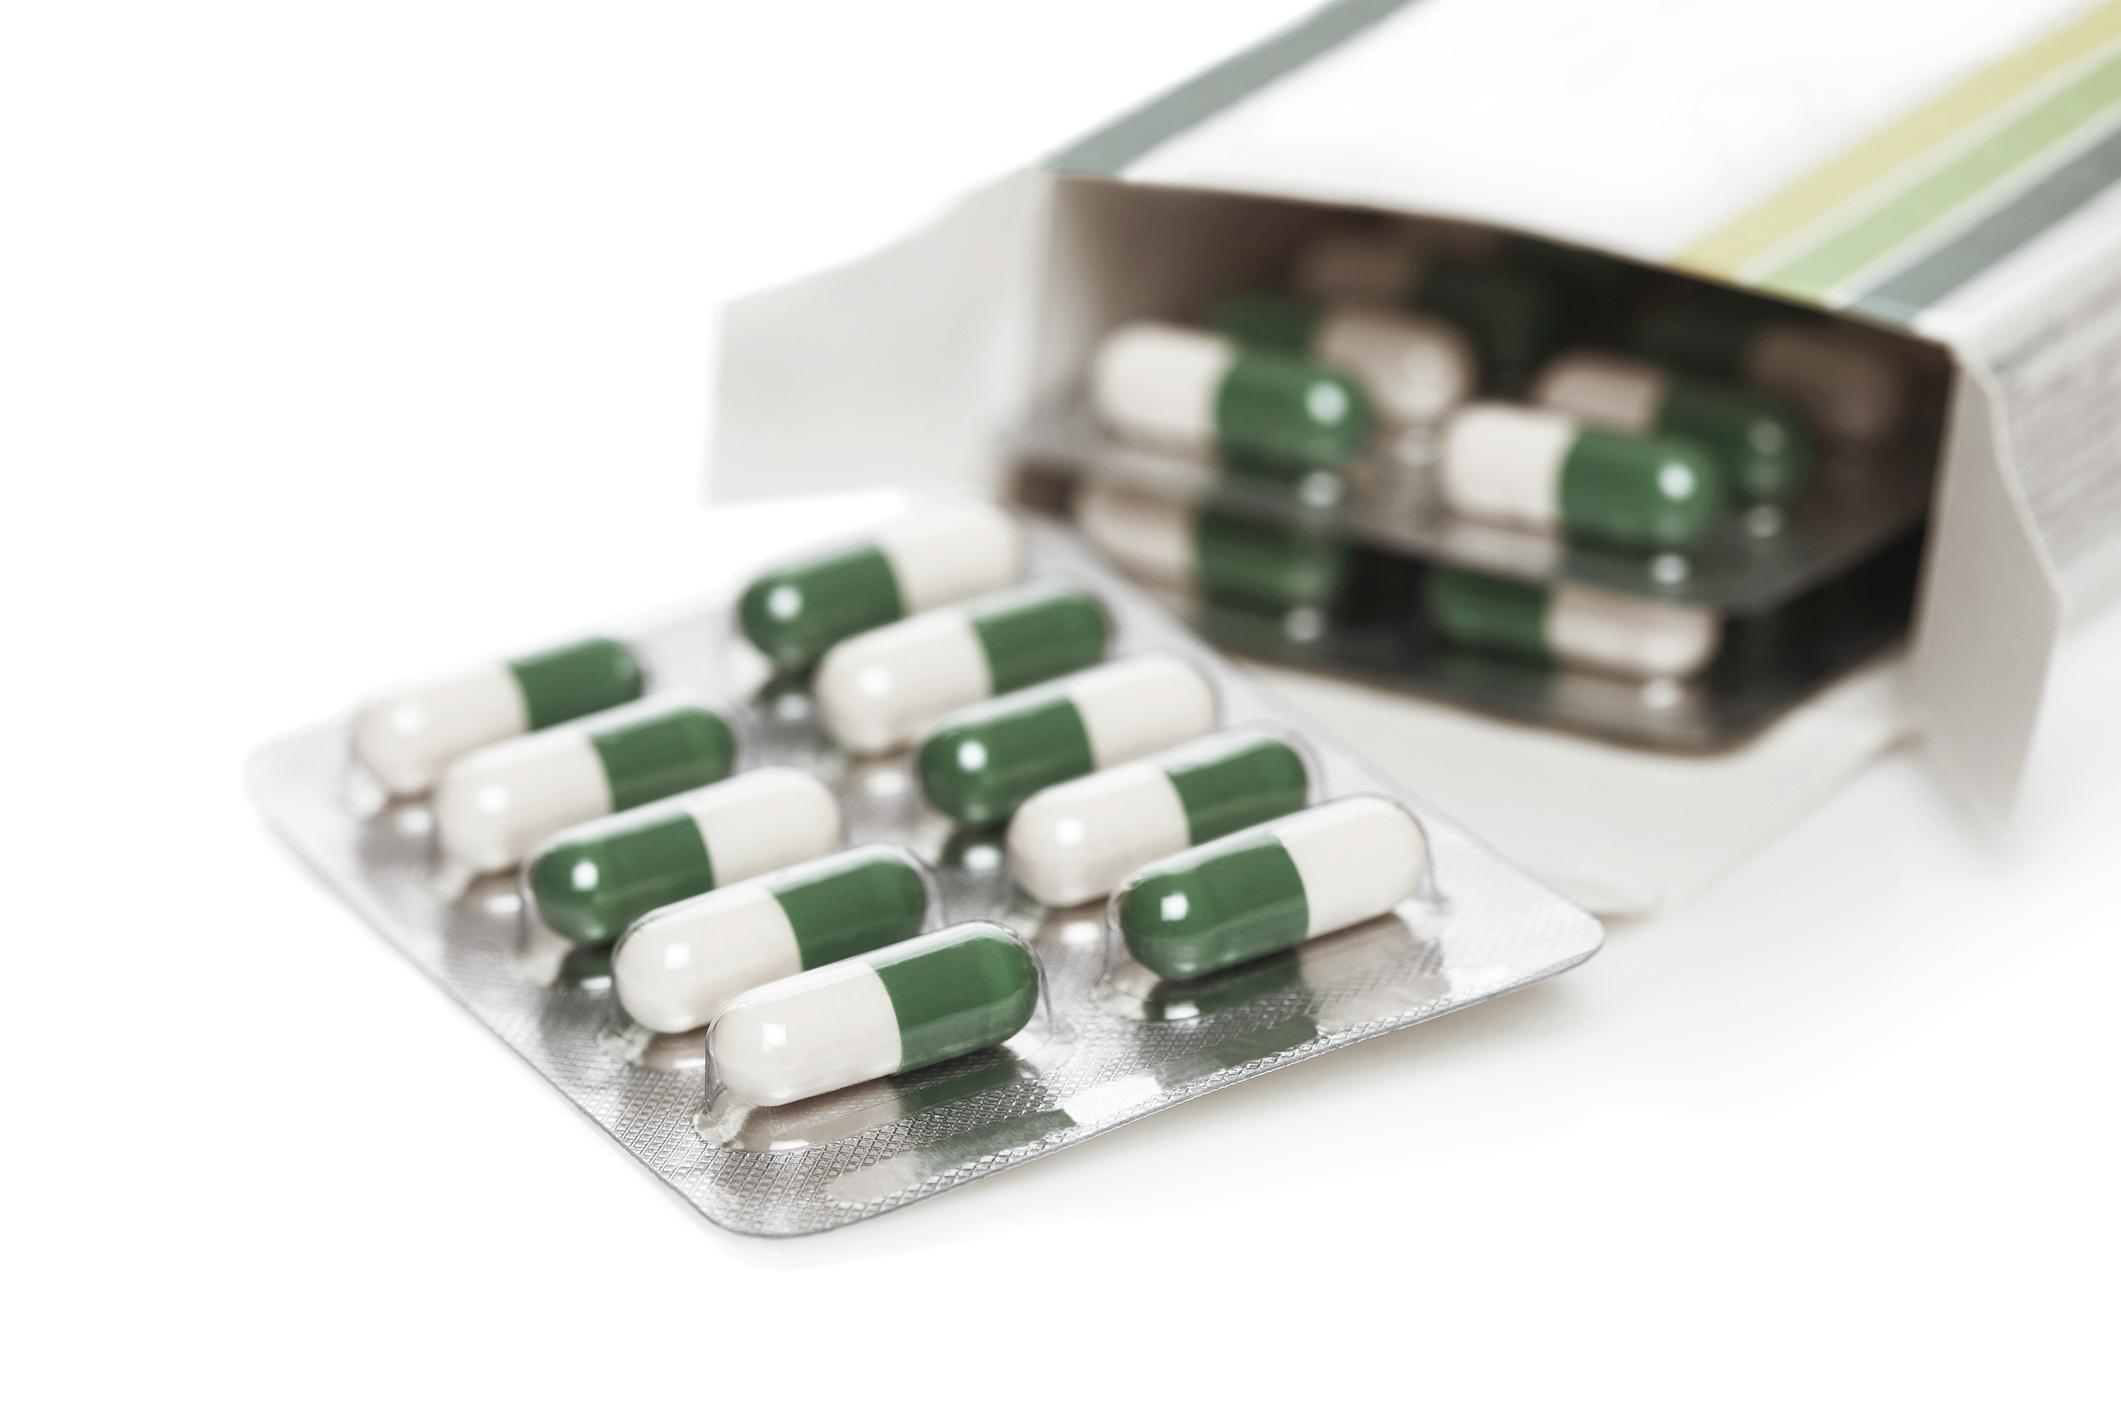 Verpakkingsvoorschriften Medicijnen | Wetgeving Geneesmiddelenverpakkingen